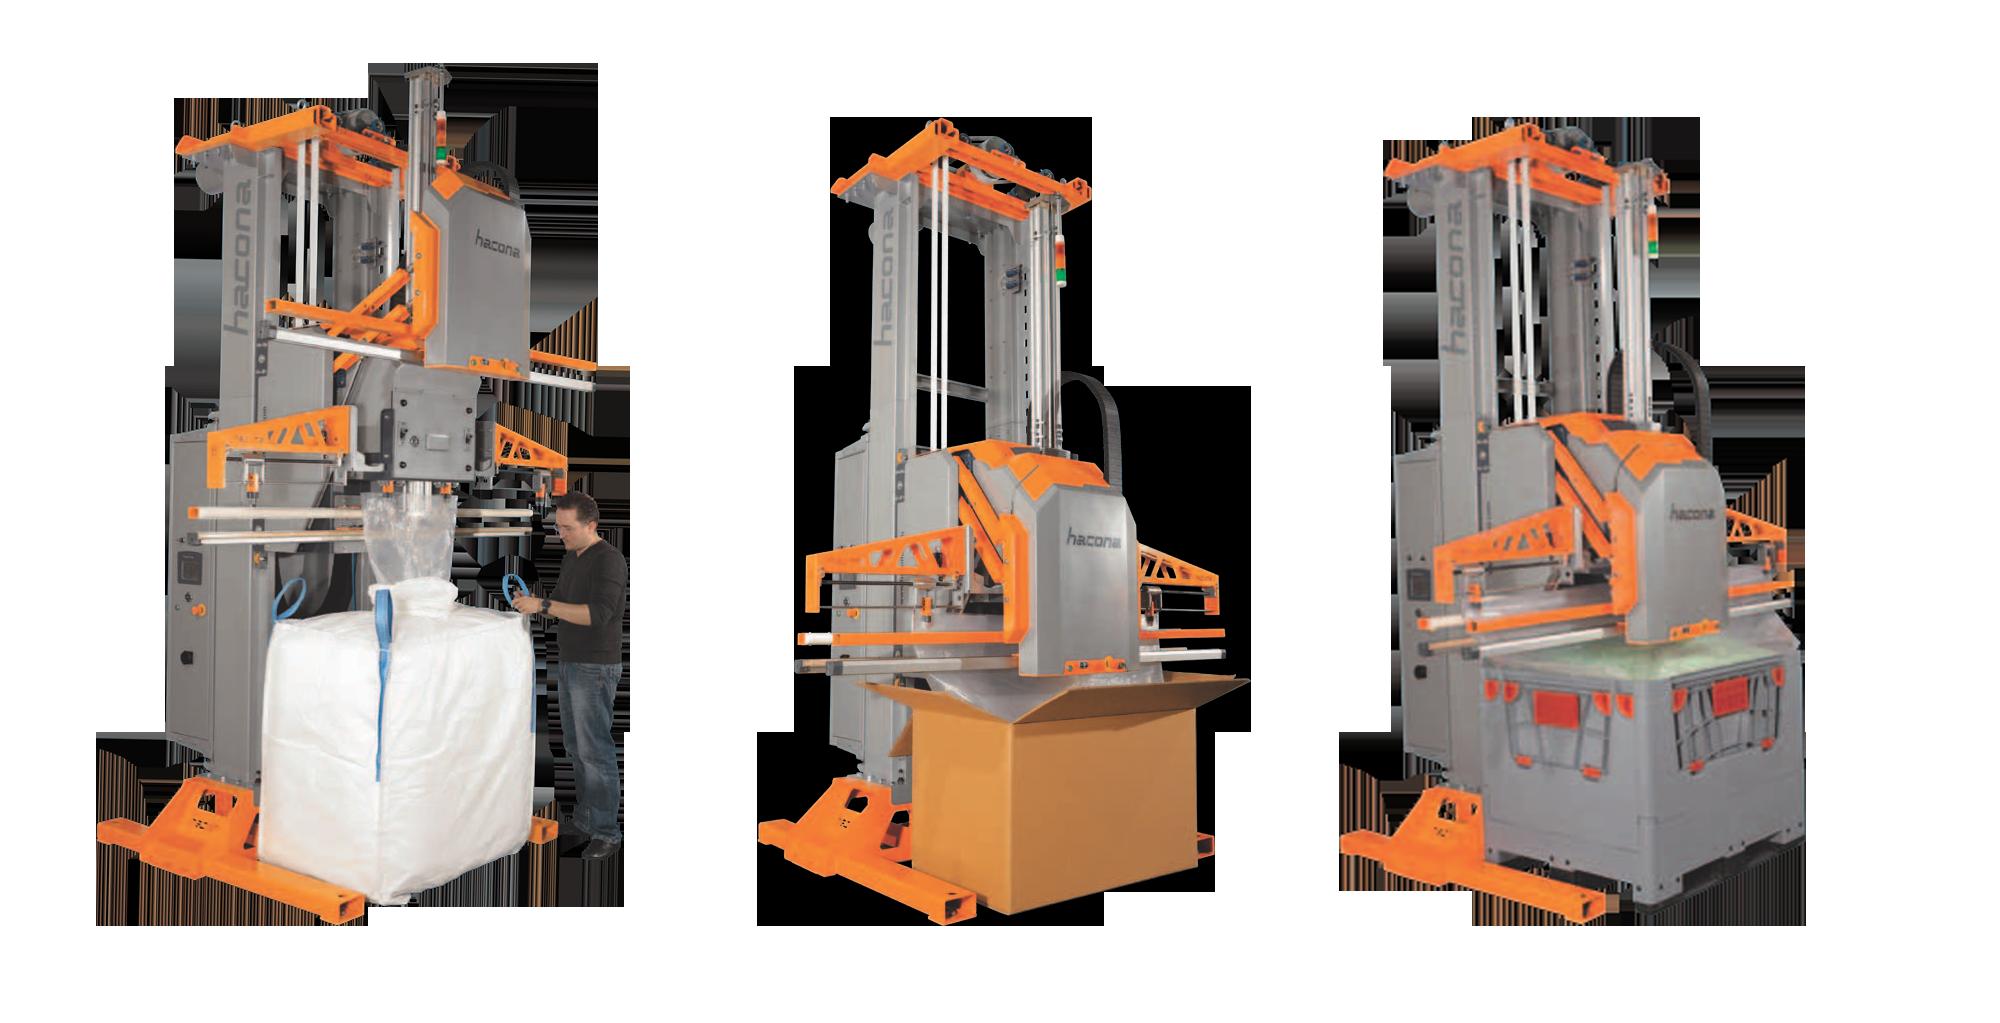 Високопроизводителни индустриални импулсни машини